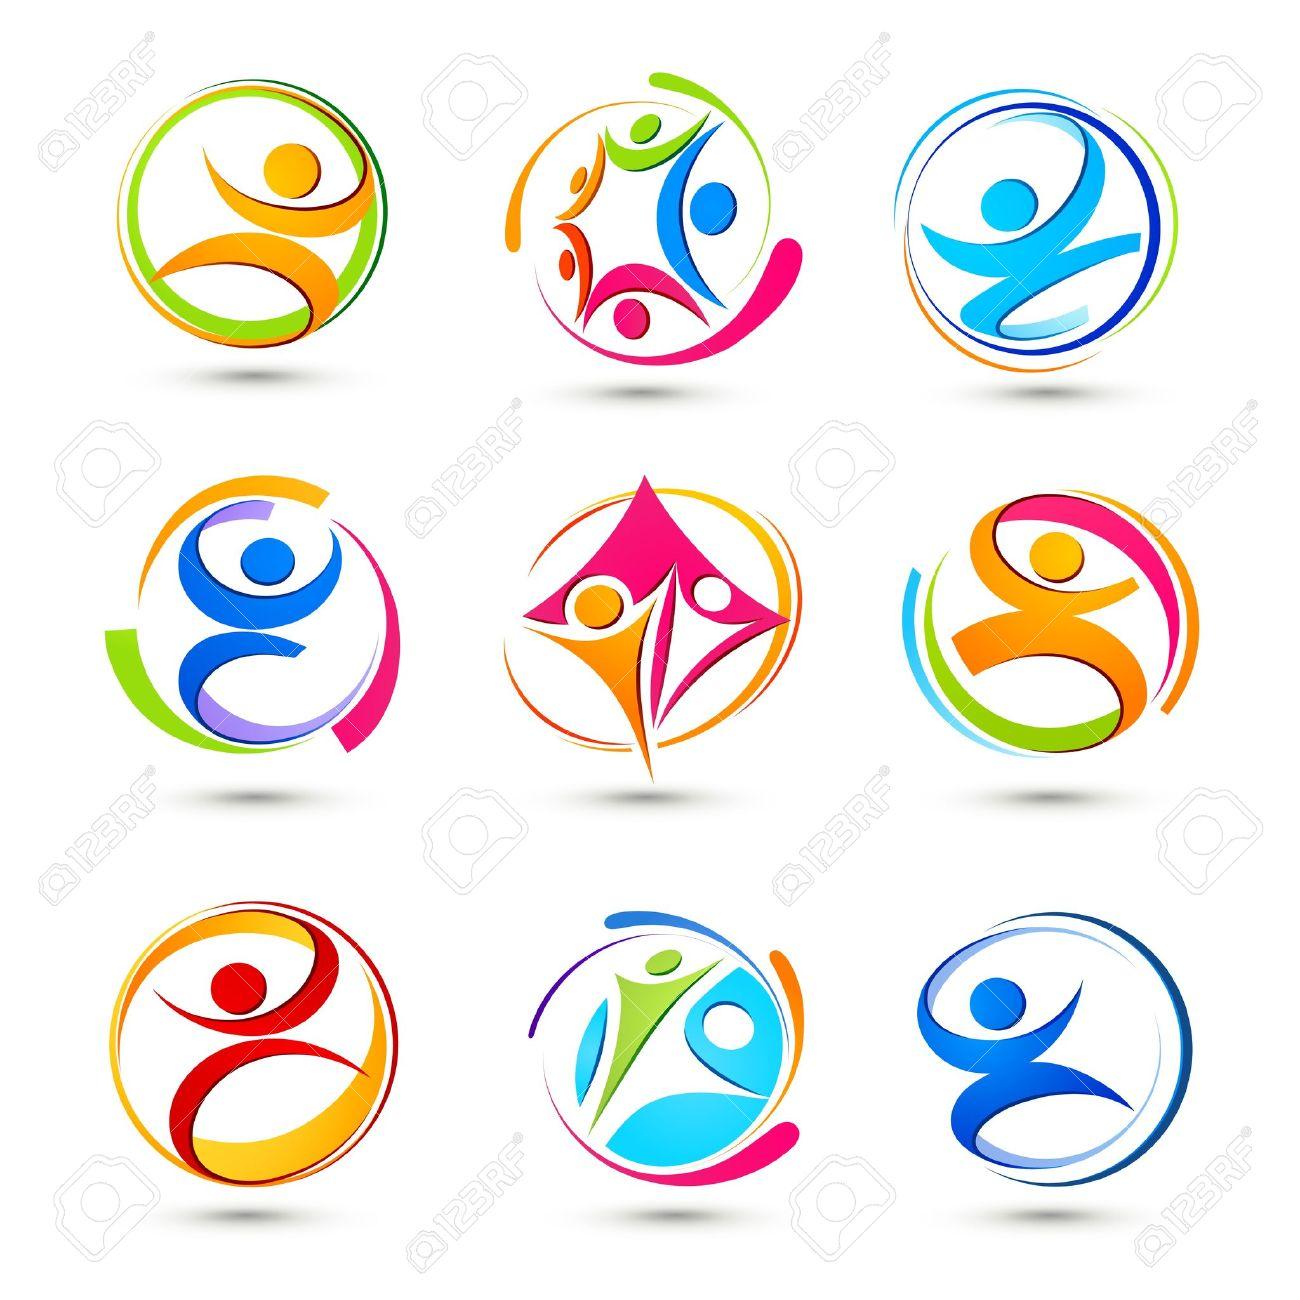 image logo sport gratuit